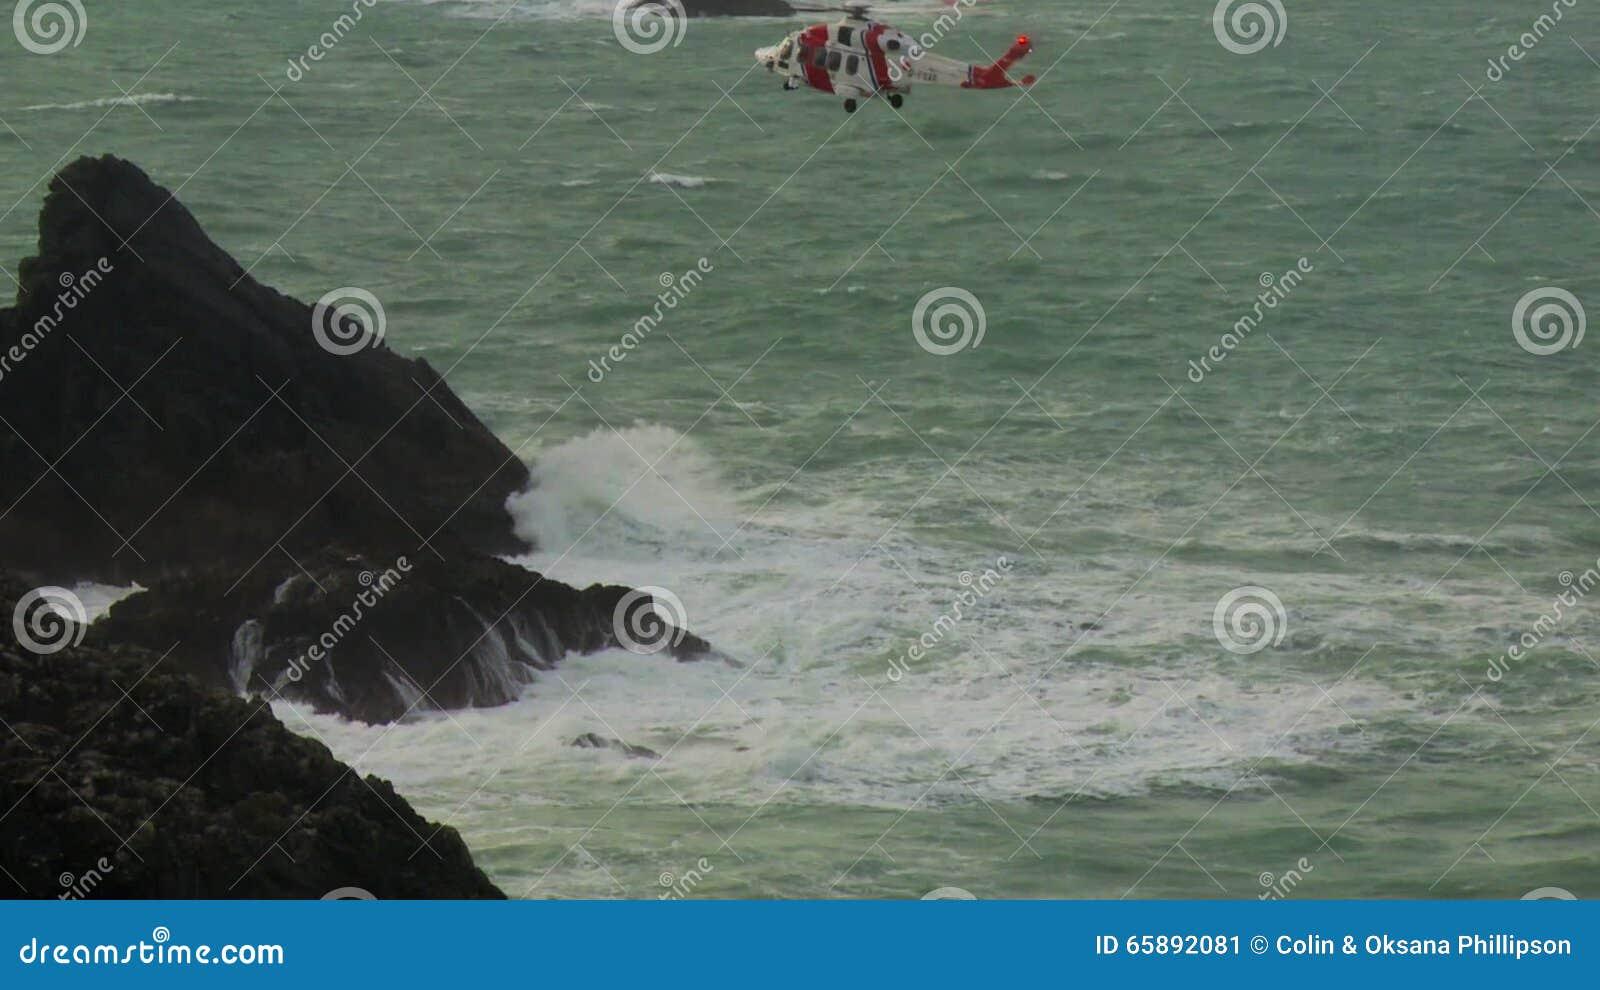 L Elicottero Posizione : Il suo elicottero della guardia costiera della maestà che manovra